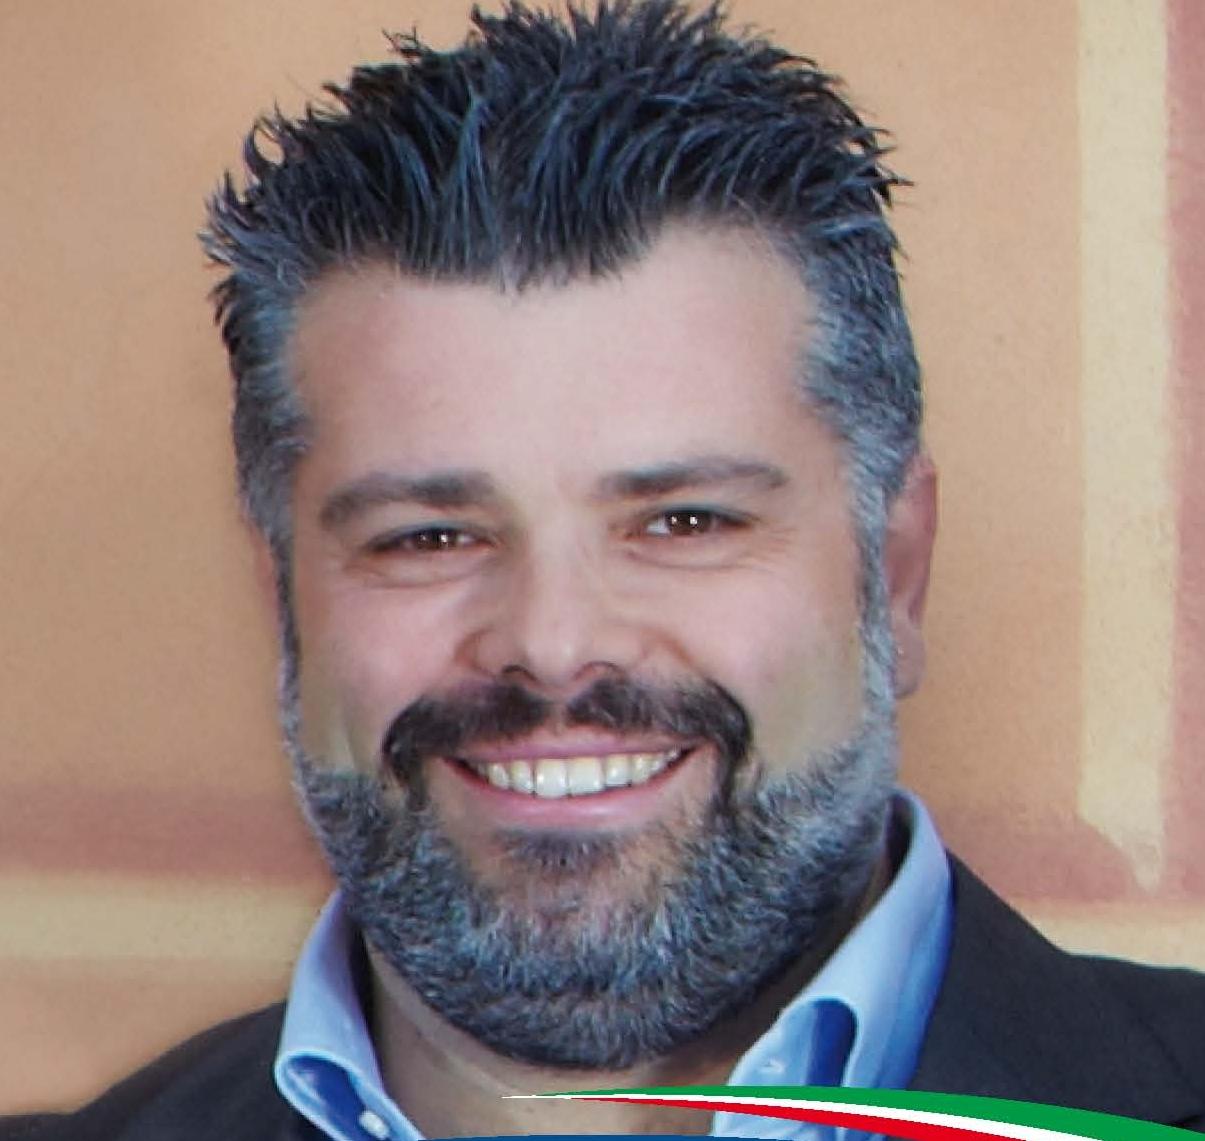 Ing. GATTUSO Massimiliano